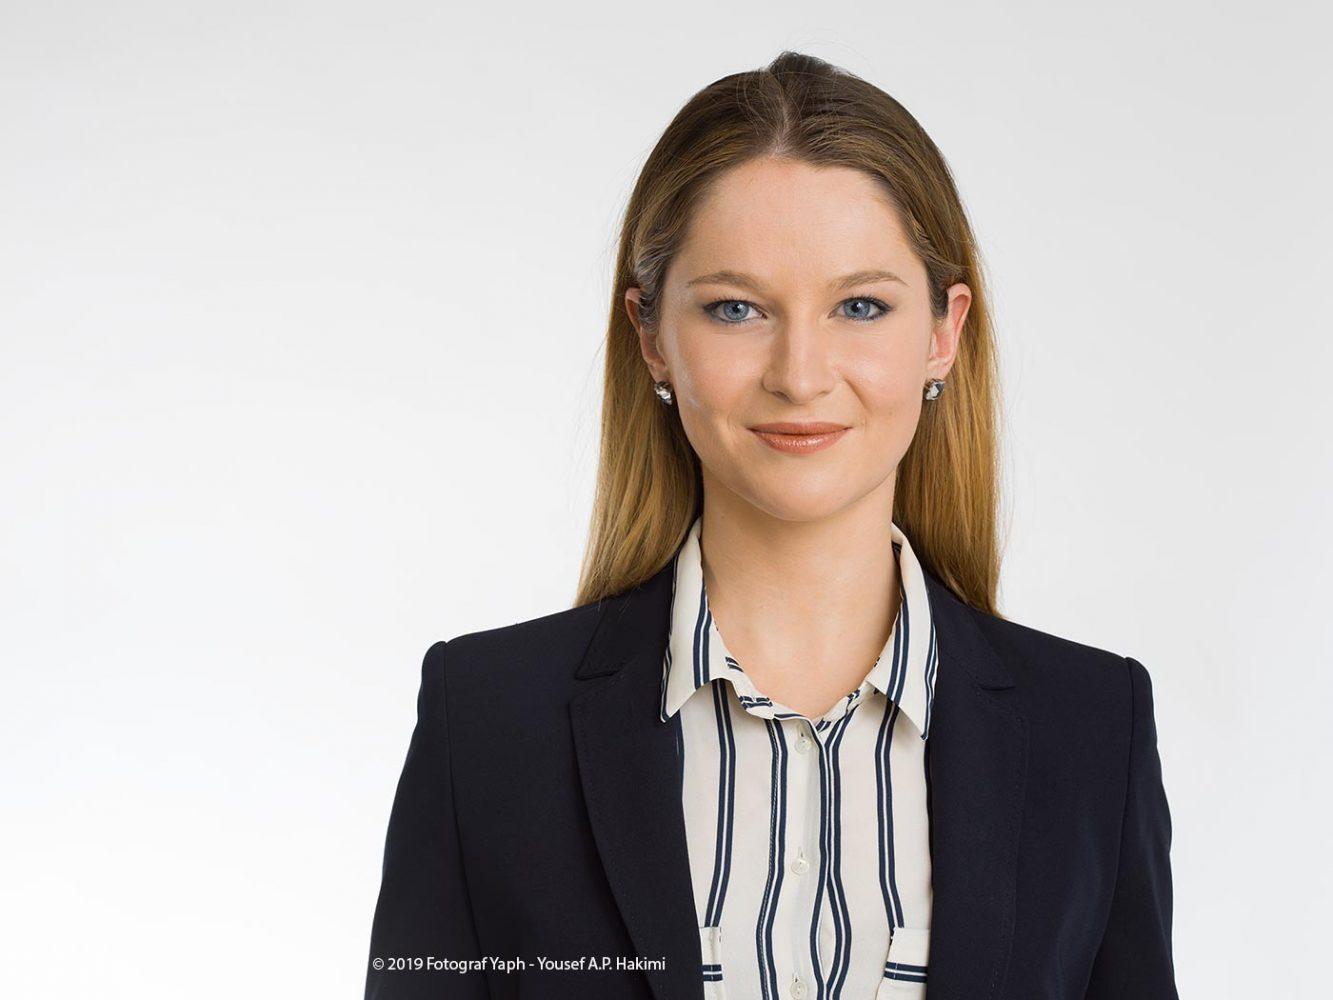 Bewerbungsfotos und Business Portraits in Trier bei Fotograf Yaph auf dem Petrisberg